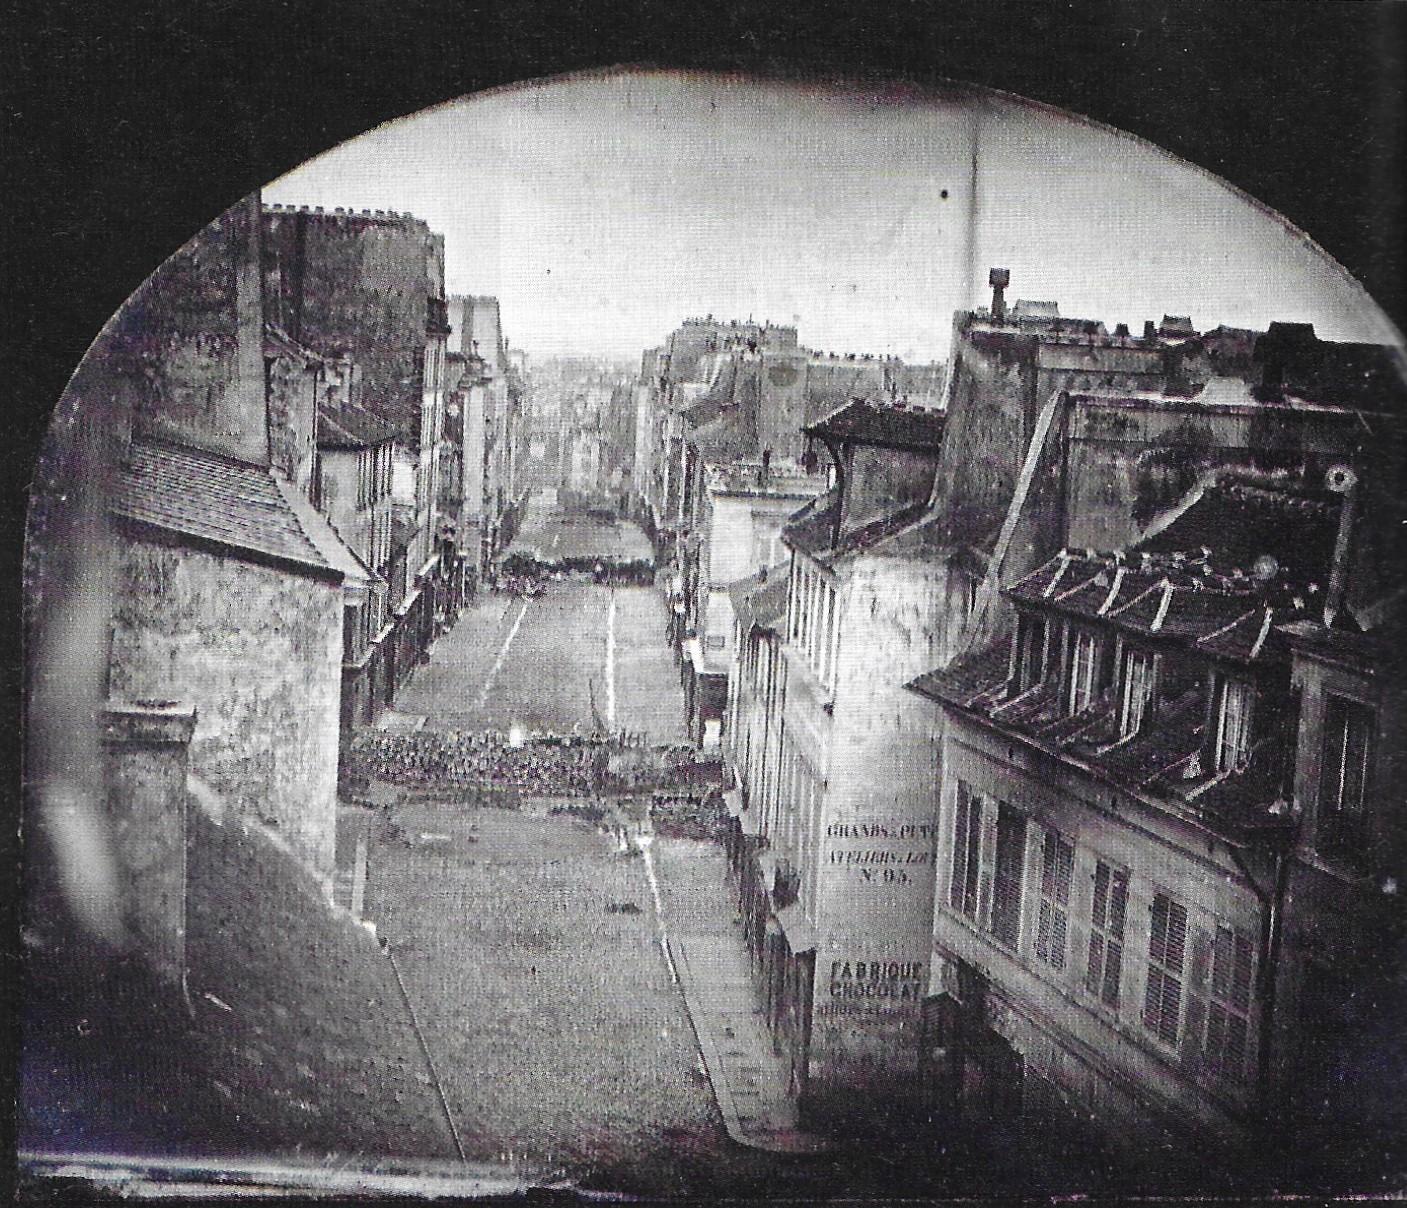 Exceptionnelle photo de Paris le 25 juin 1848 avant l'attaque rue du faubourg du temple (daguerréotype de Thibault, publié par le magazine L'Histoire en février 2018)